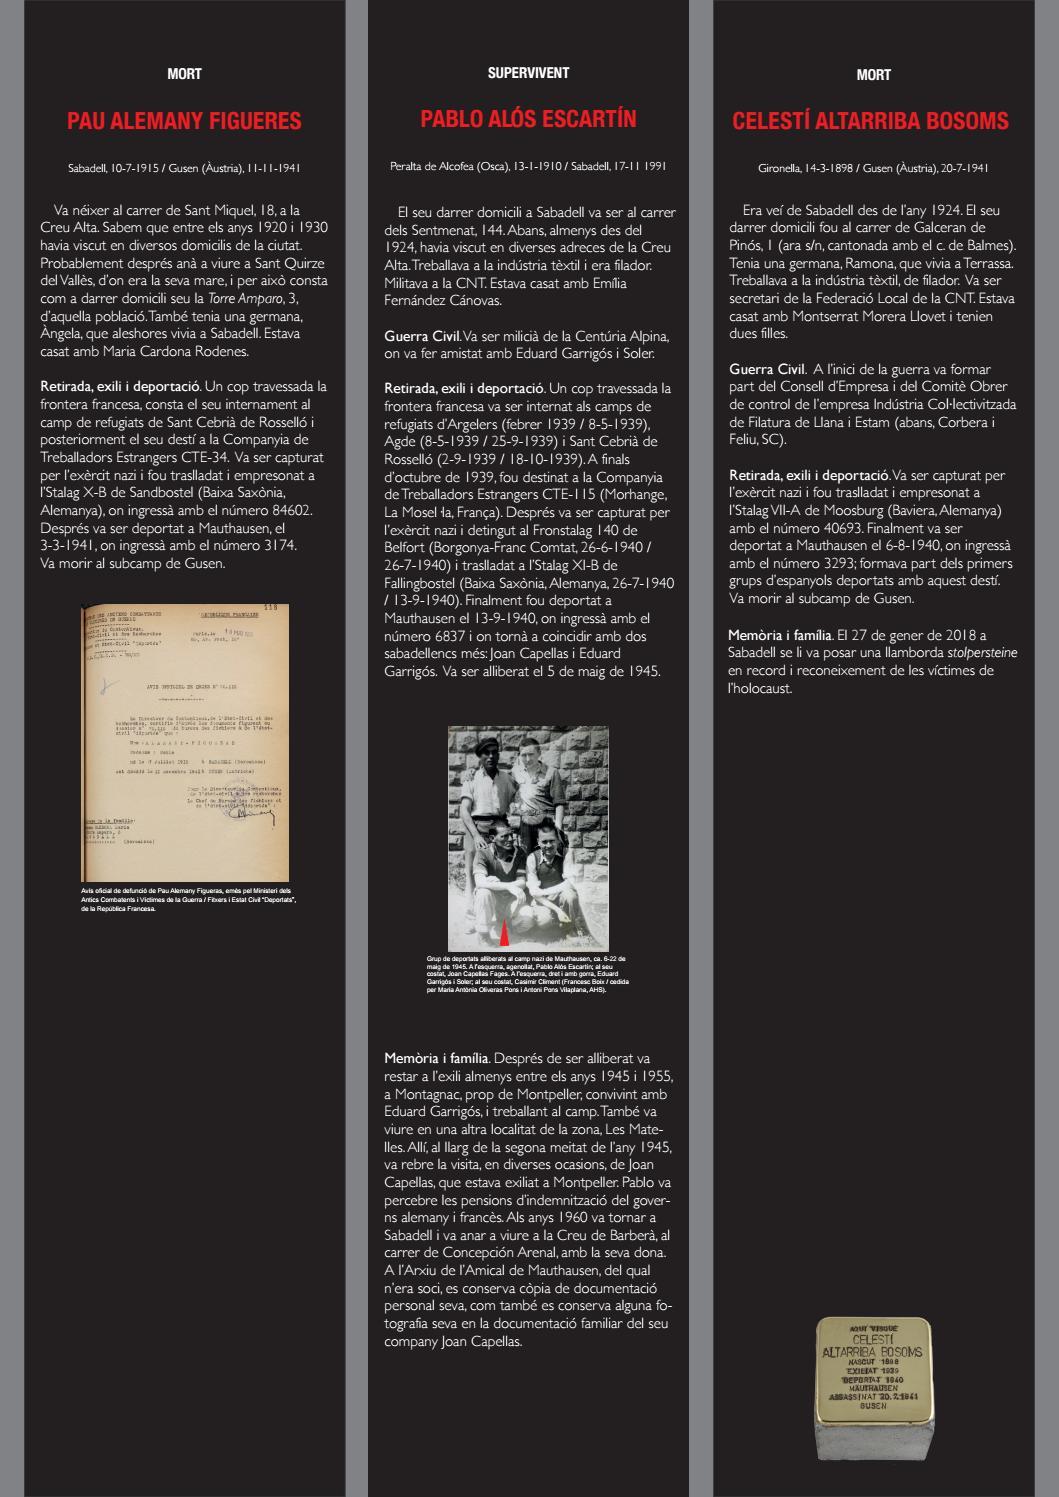 EXPOSICIÓ: DEPORTATS  60 sabadellencs als camps nazis 1940